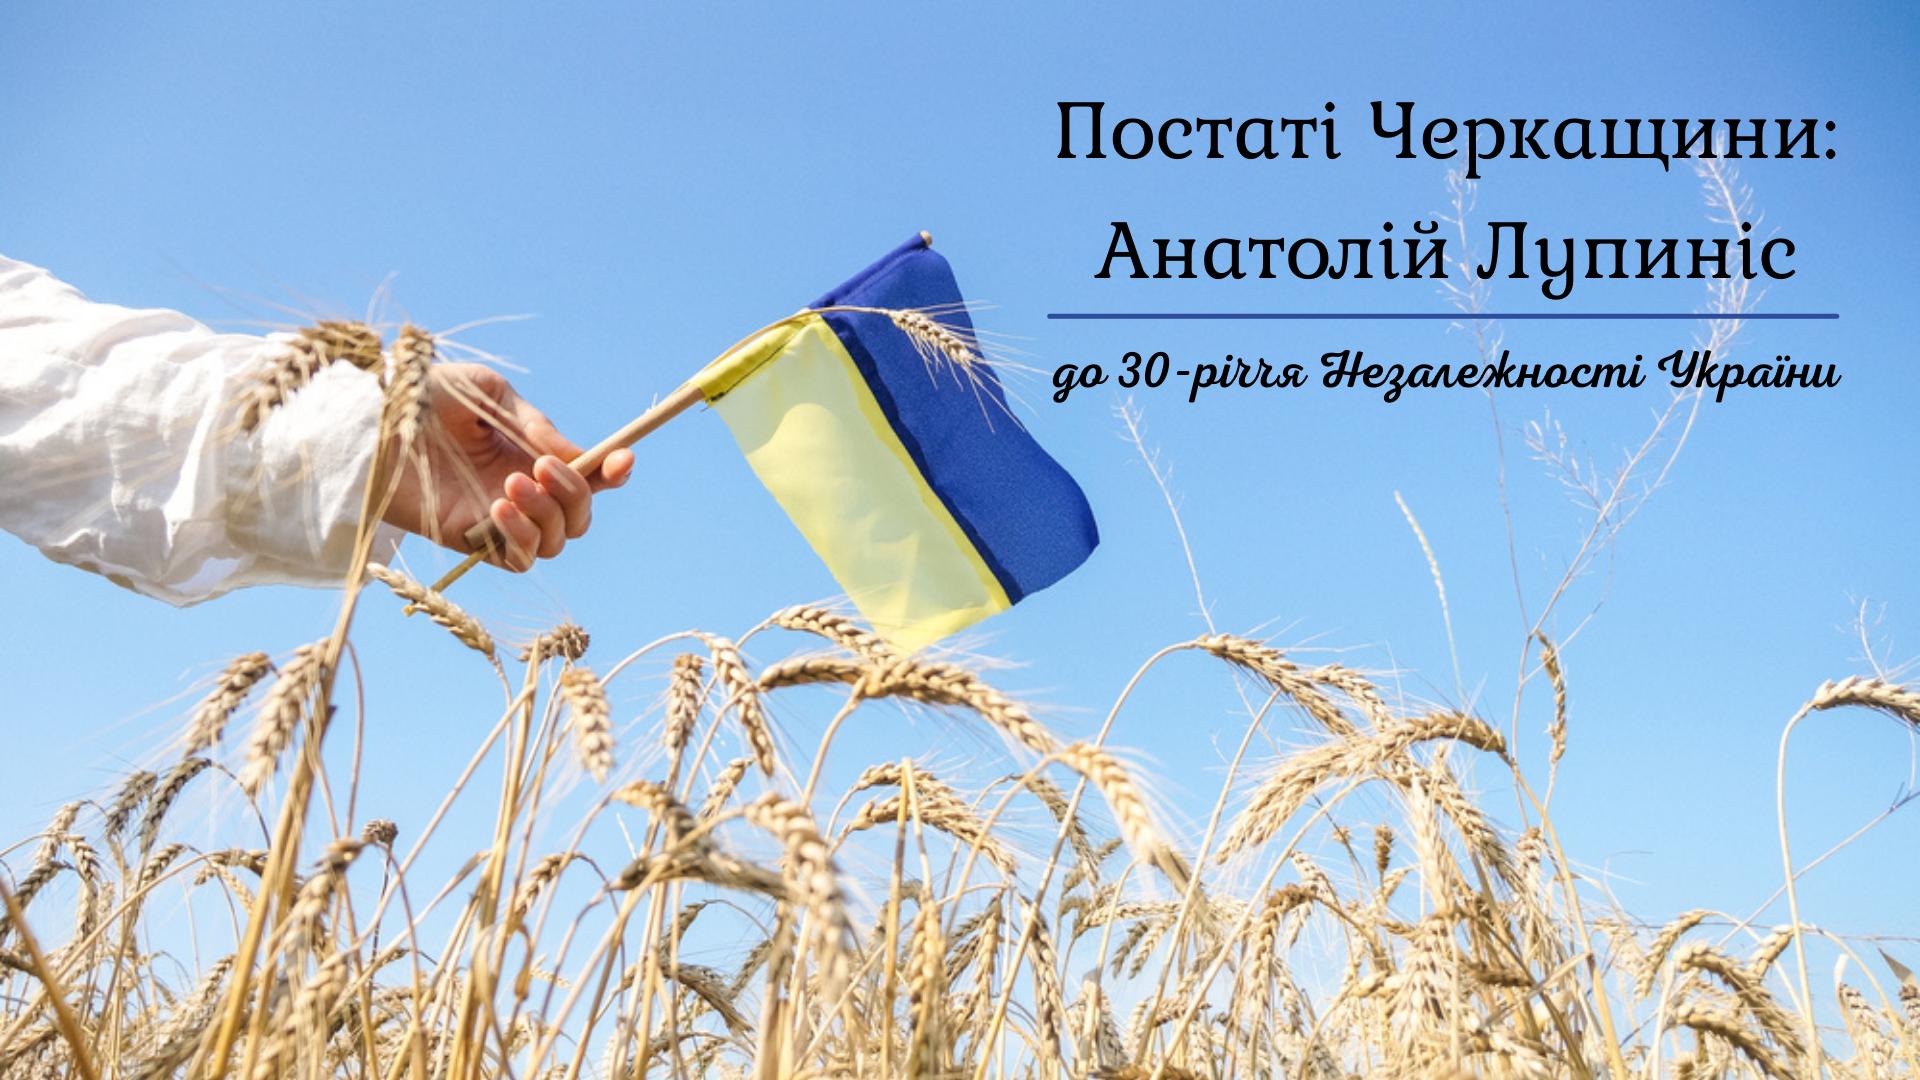 Постаті Черкащини: Анатолій Лупиніс. До 30-річчя Незалежності України